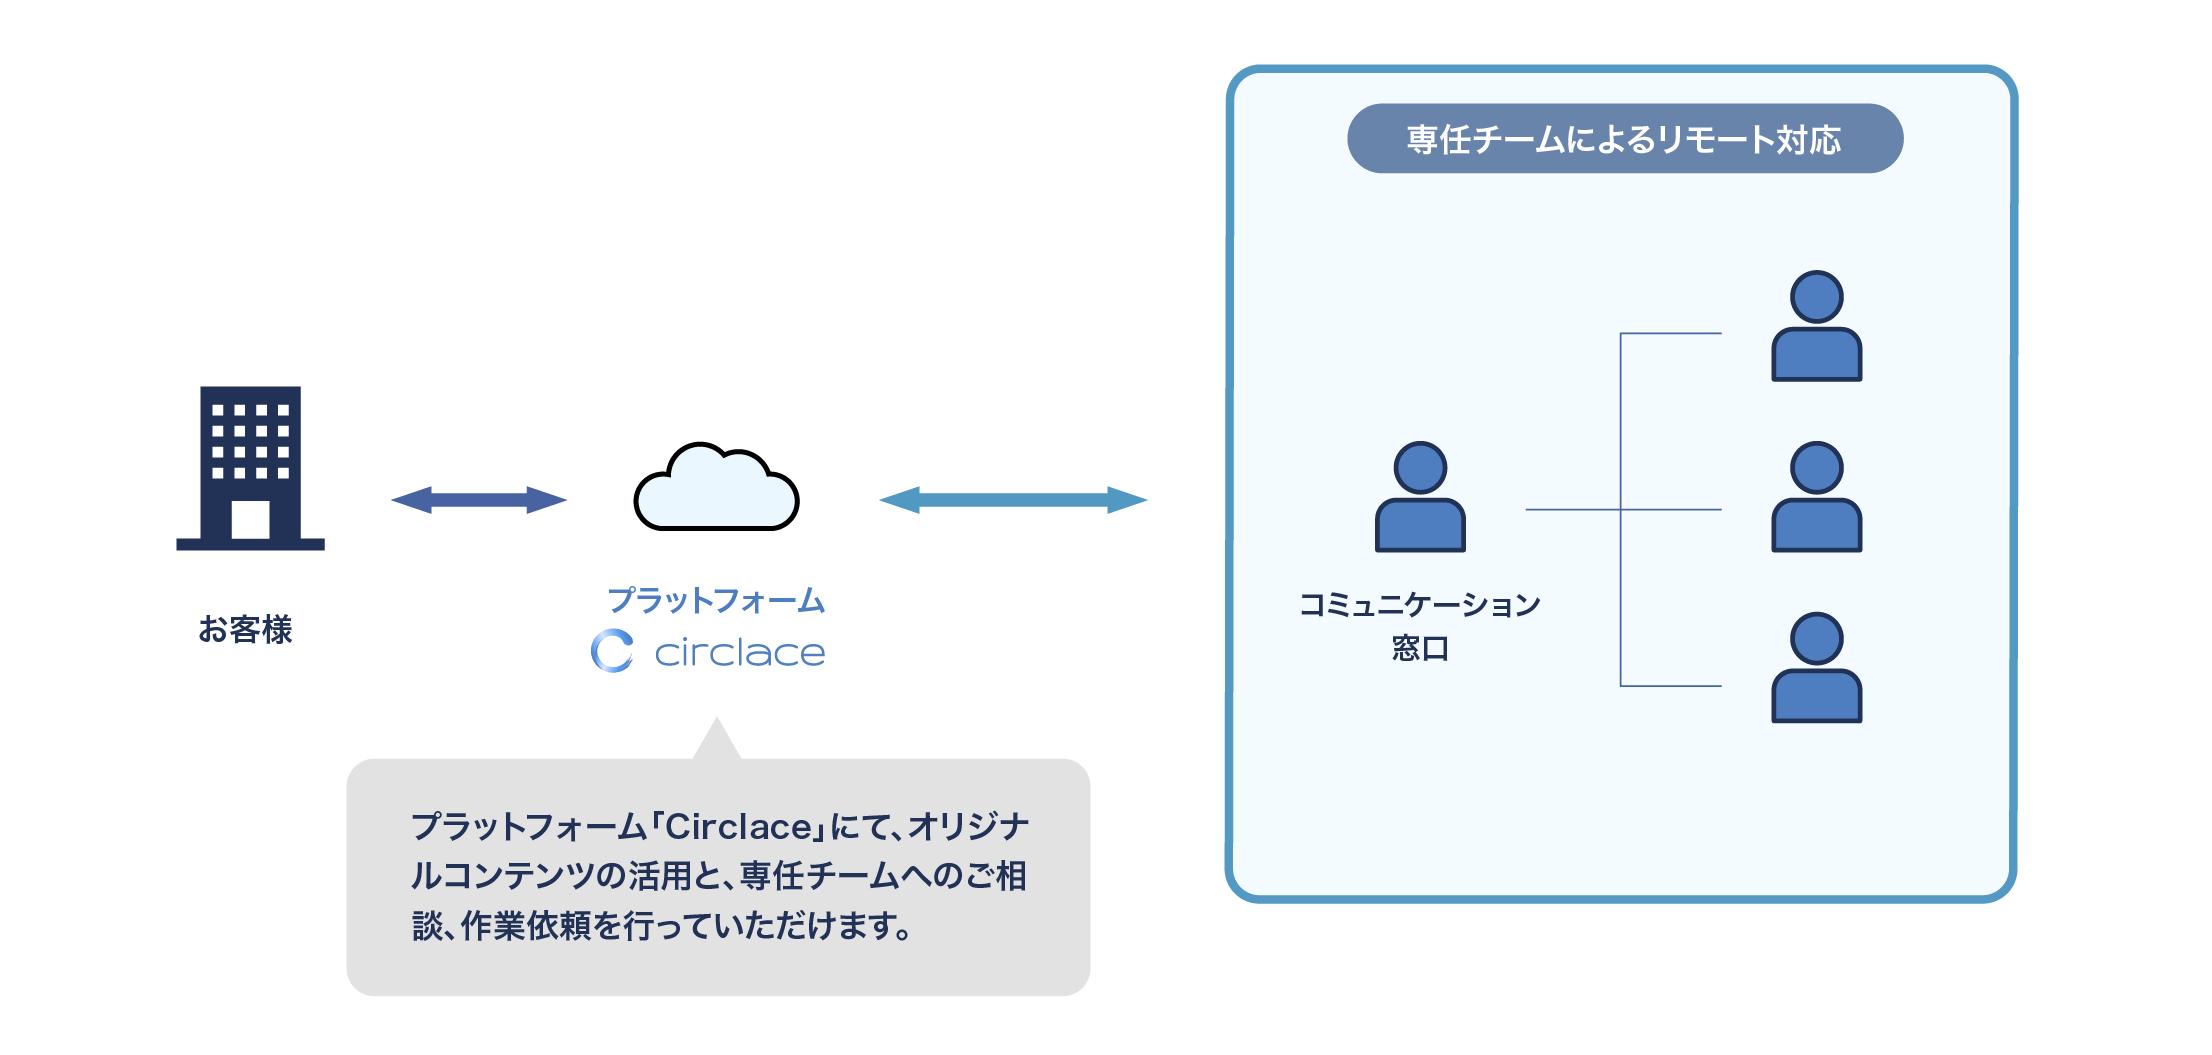 Hybridサービス概念図横-4